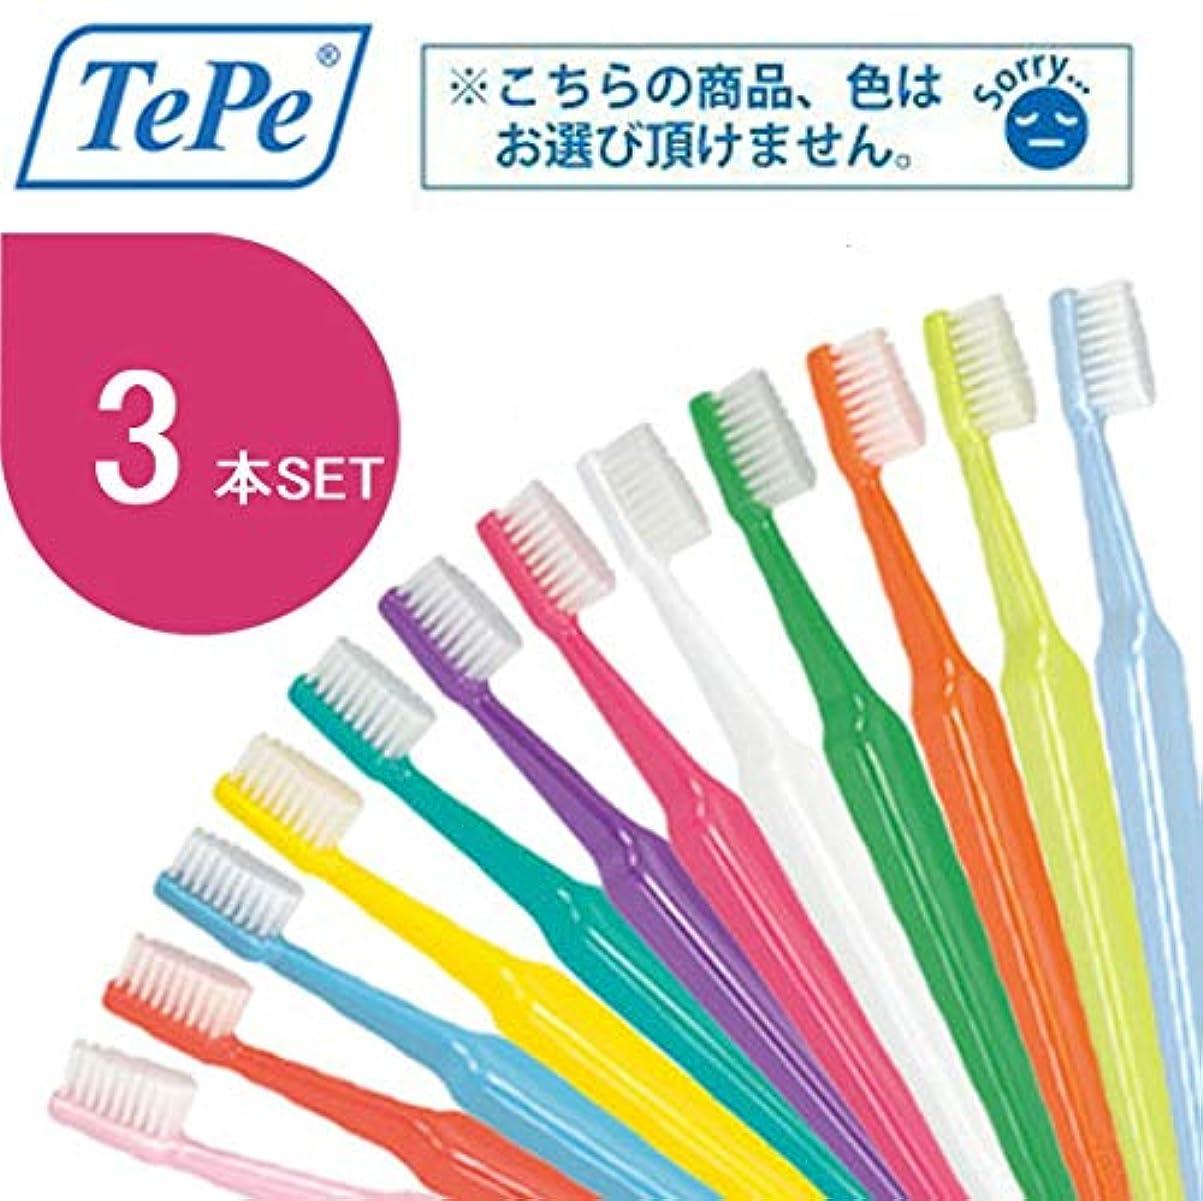 可動争うスーツケースクロスフィールド TePe テペ セレクト 歯ブラシ 3本 (ソフト)